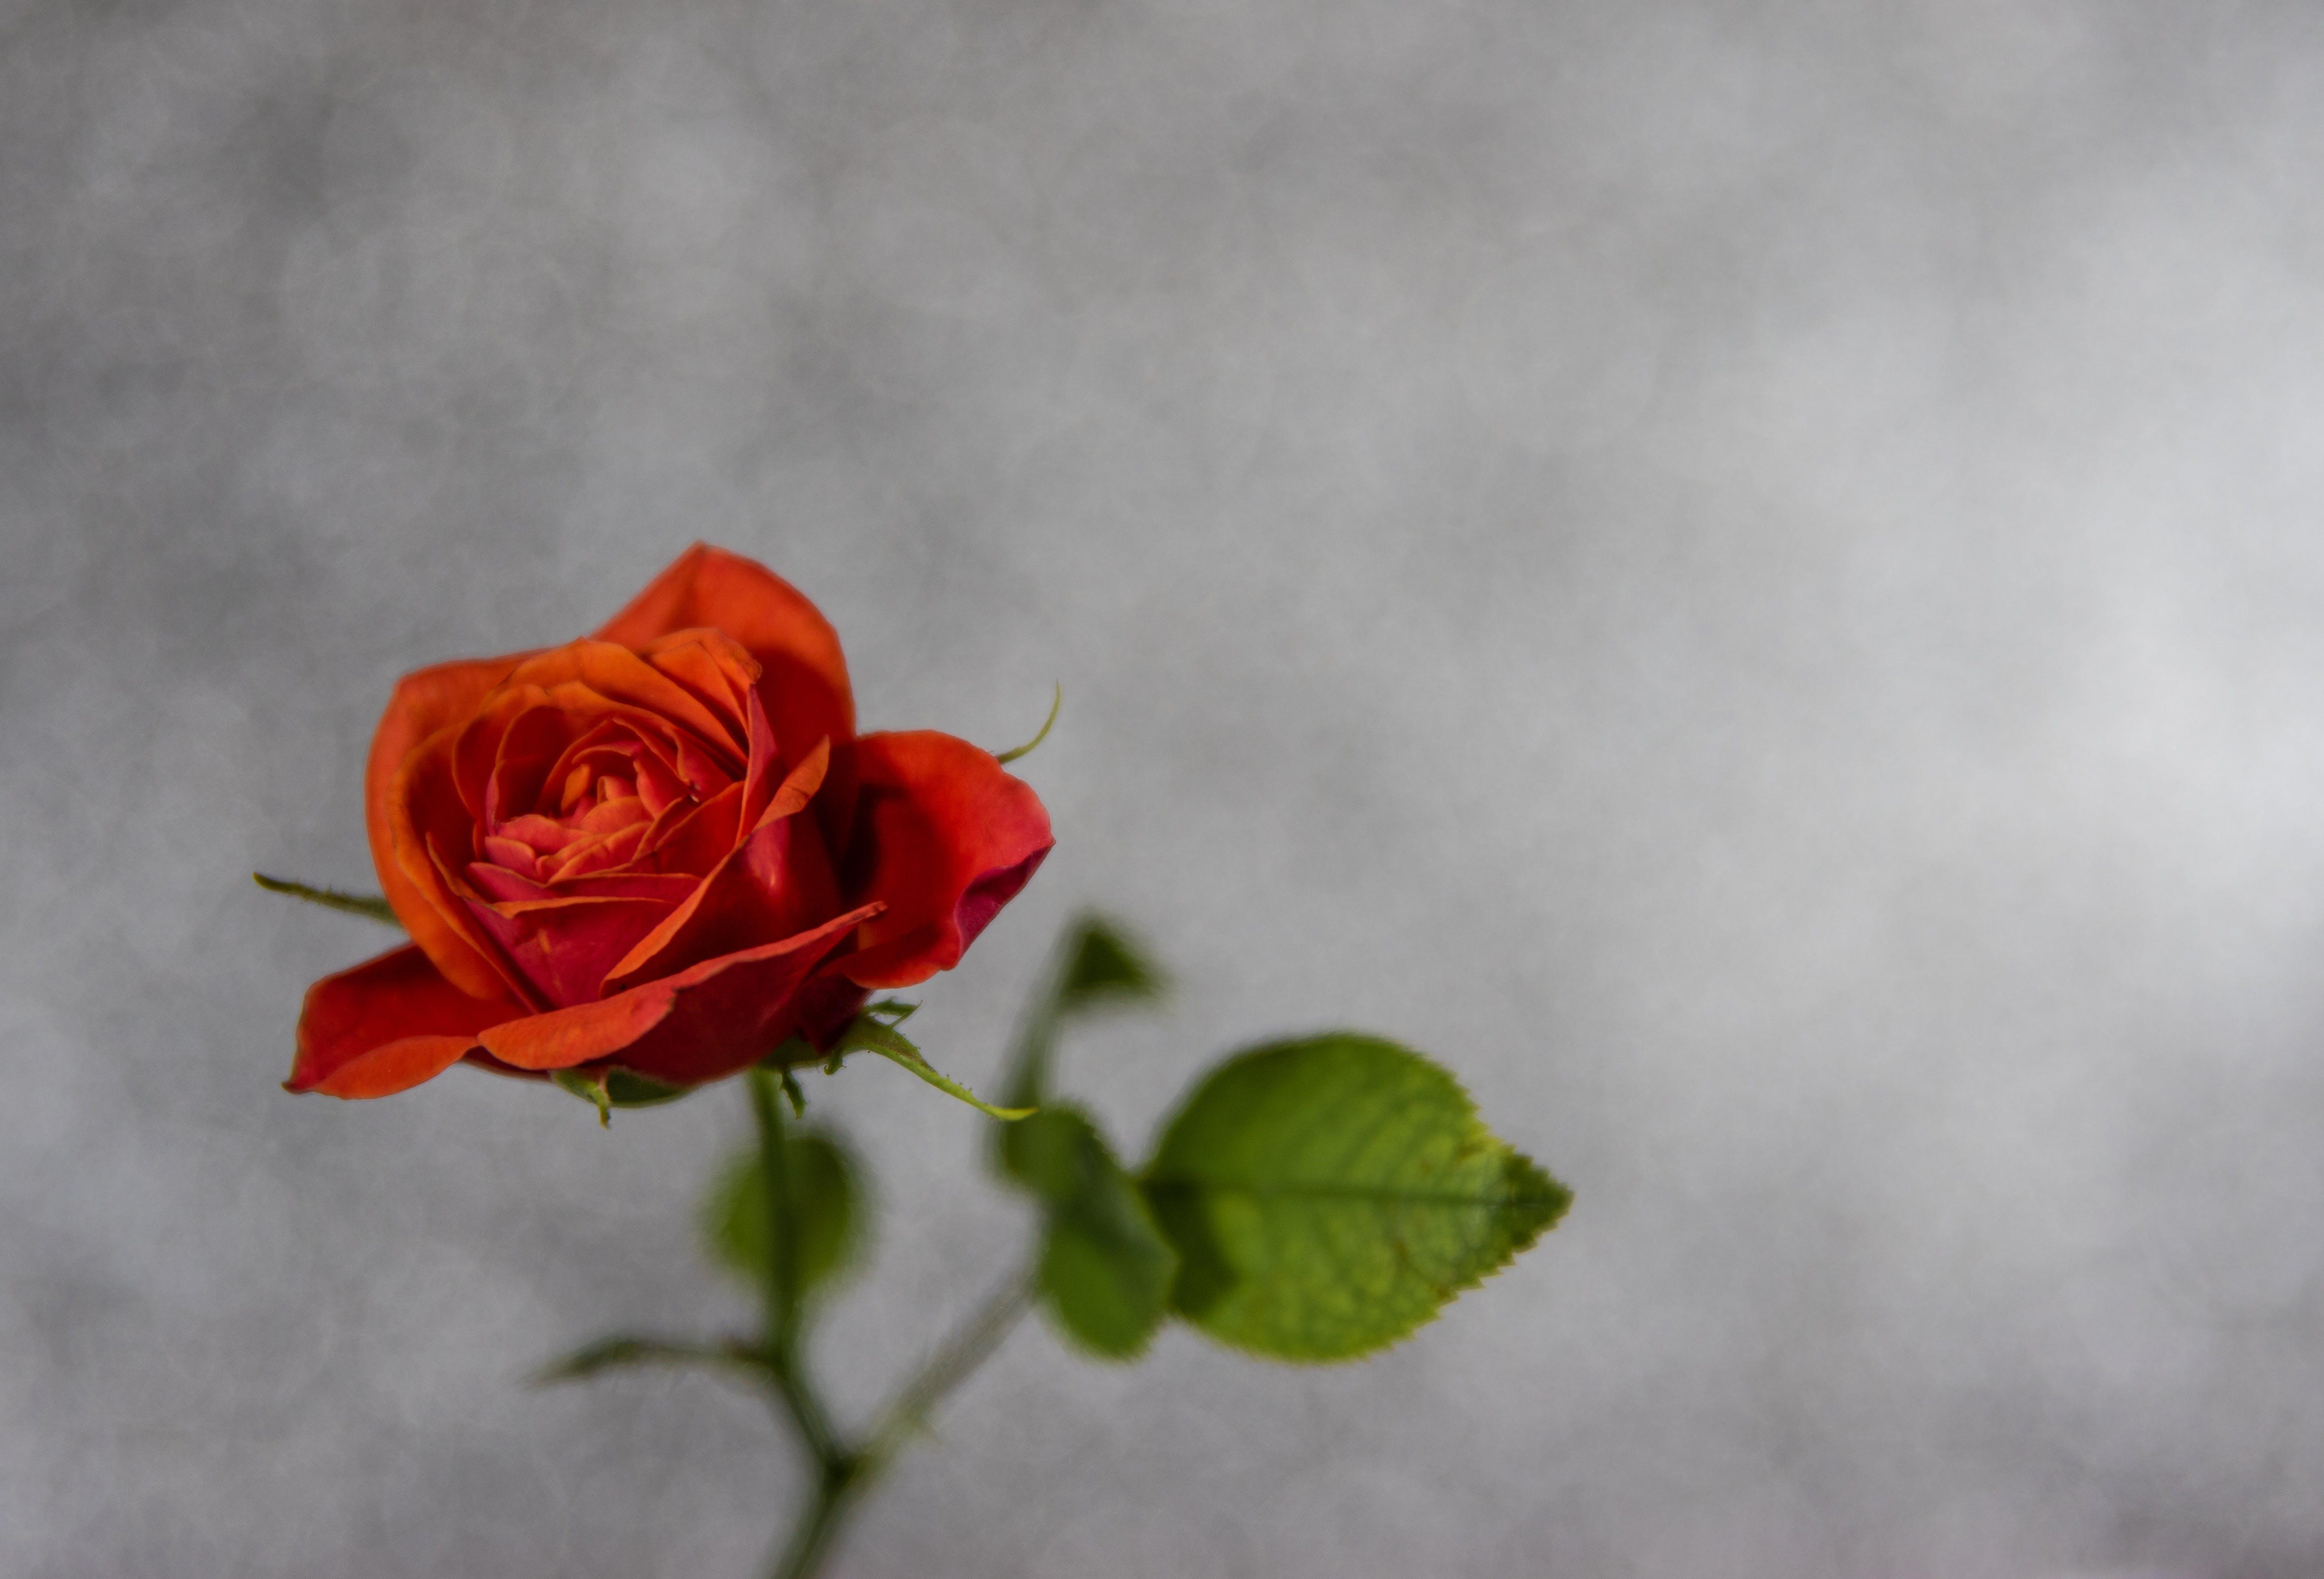 Δωρεάν στοκ φωτογραφιών με background, αγάπη, ανθίζω, ανθισμένος